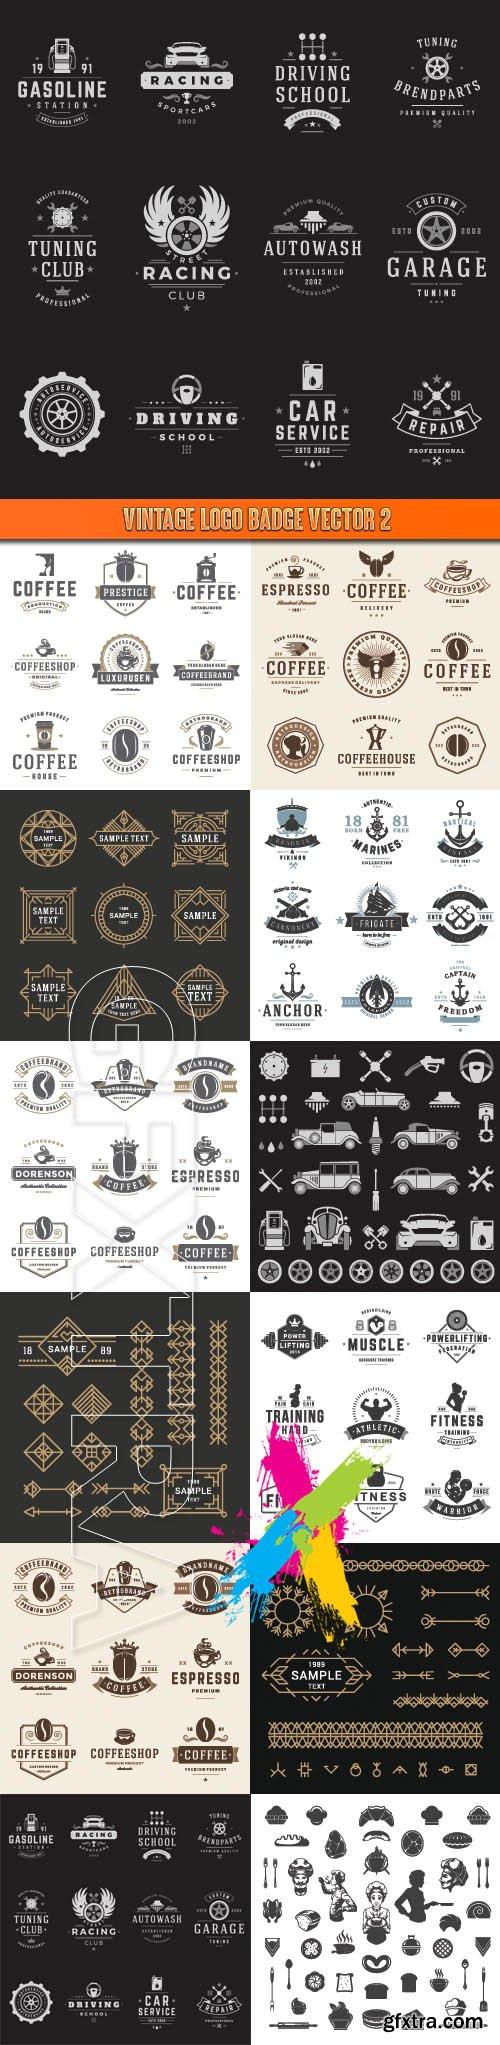 Vintage logo badge vector 2